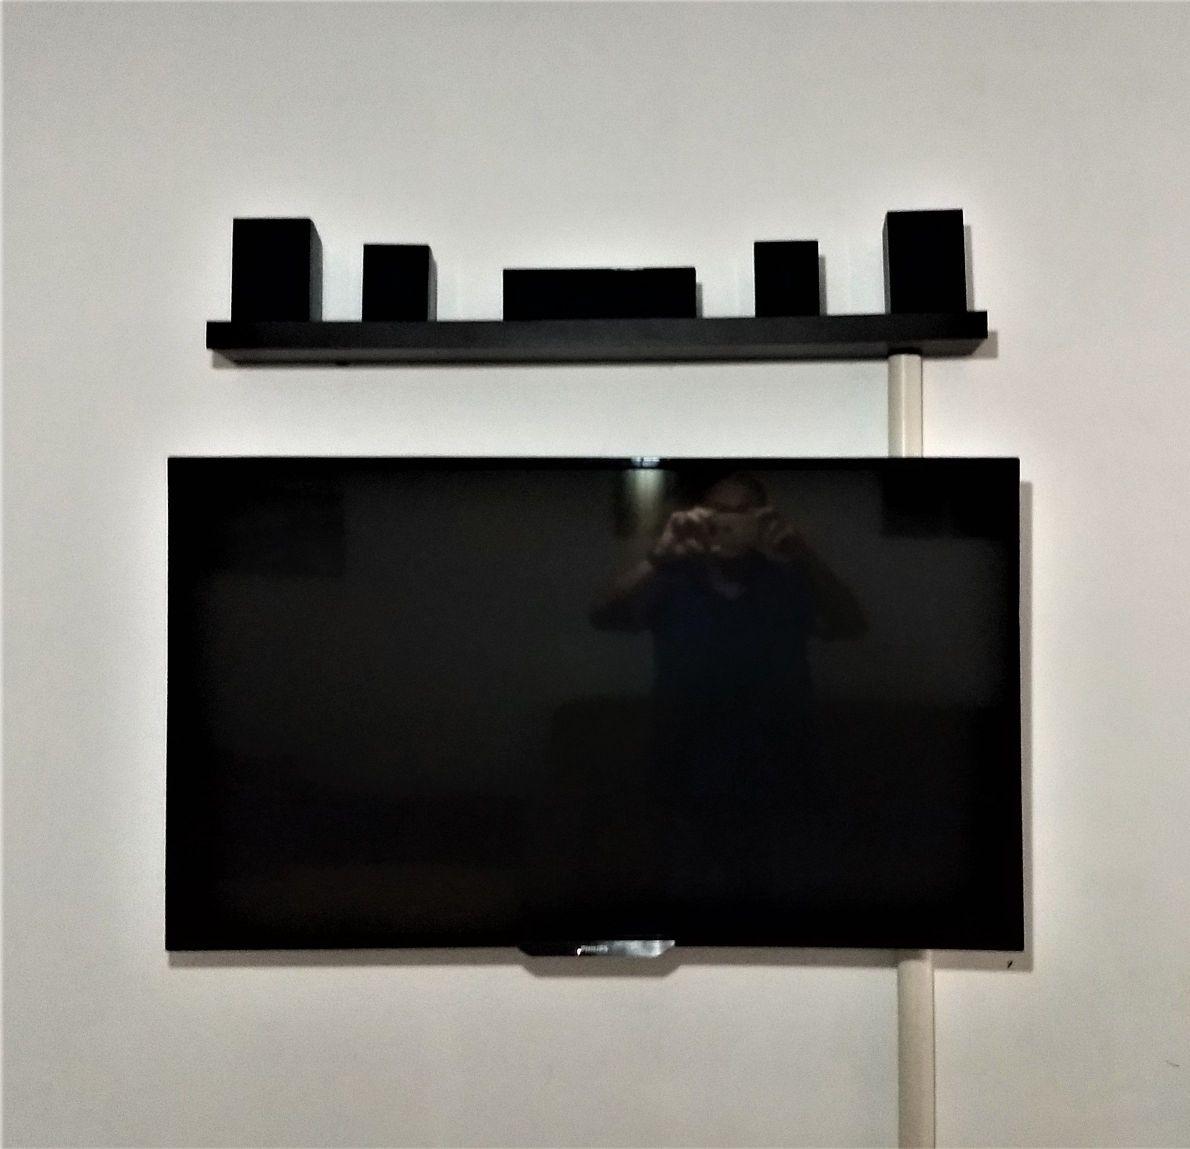 instalação de suporte para Tv e Home Theater